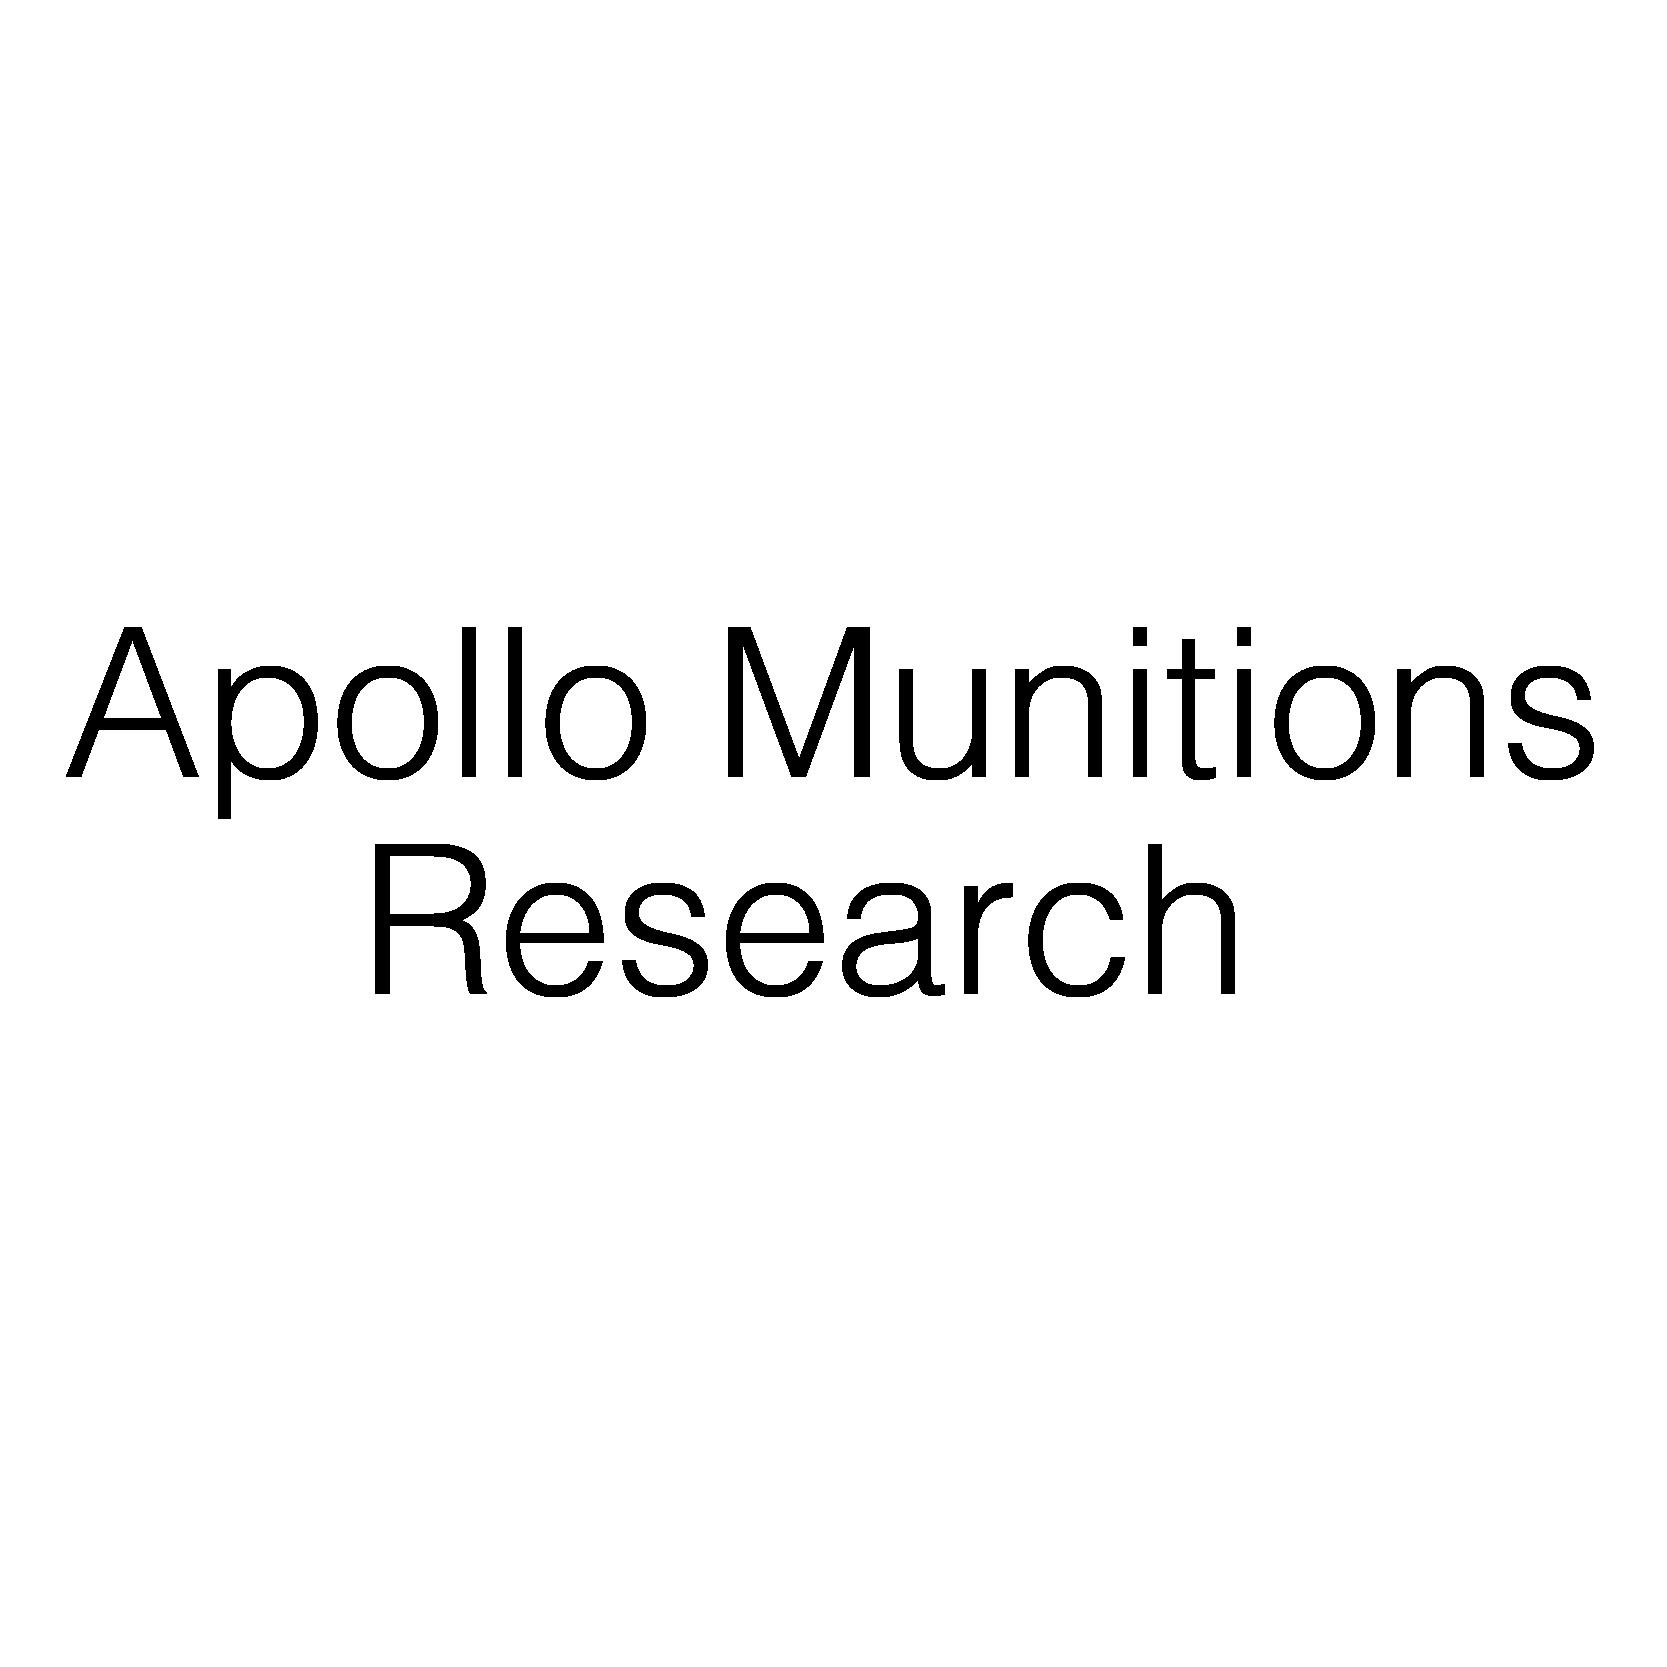 Apollo Munitions Research